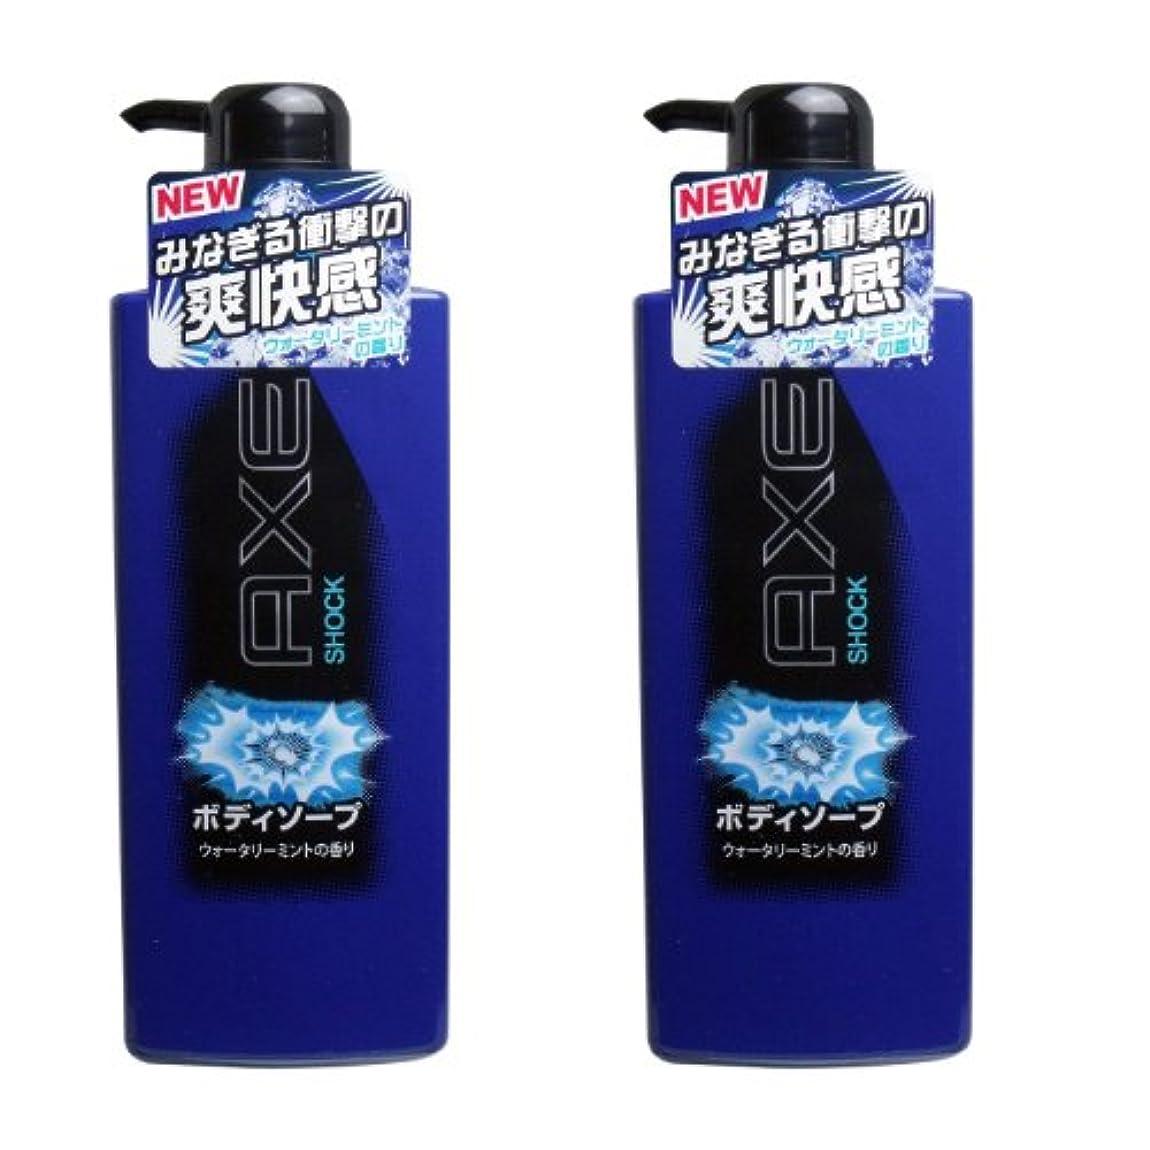 マラウイフィードオンパパAXE(アックス) ボディソープの2点セット (ショック ウォータリーミントの香り)